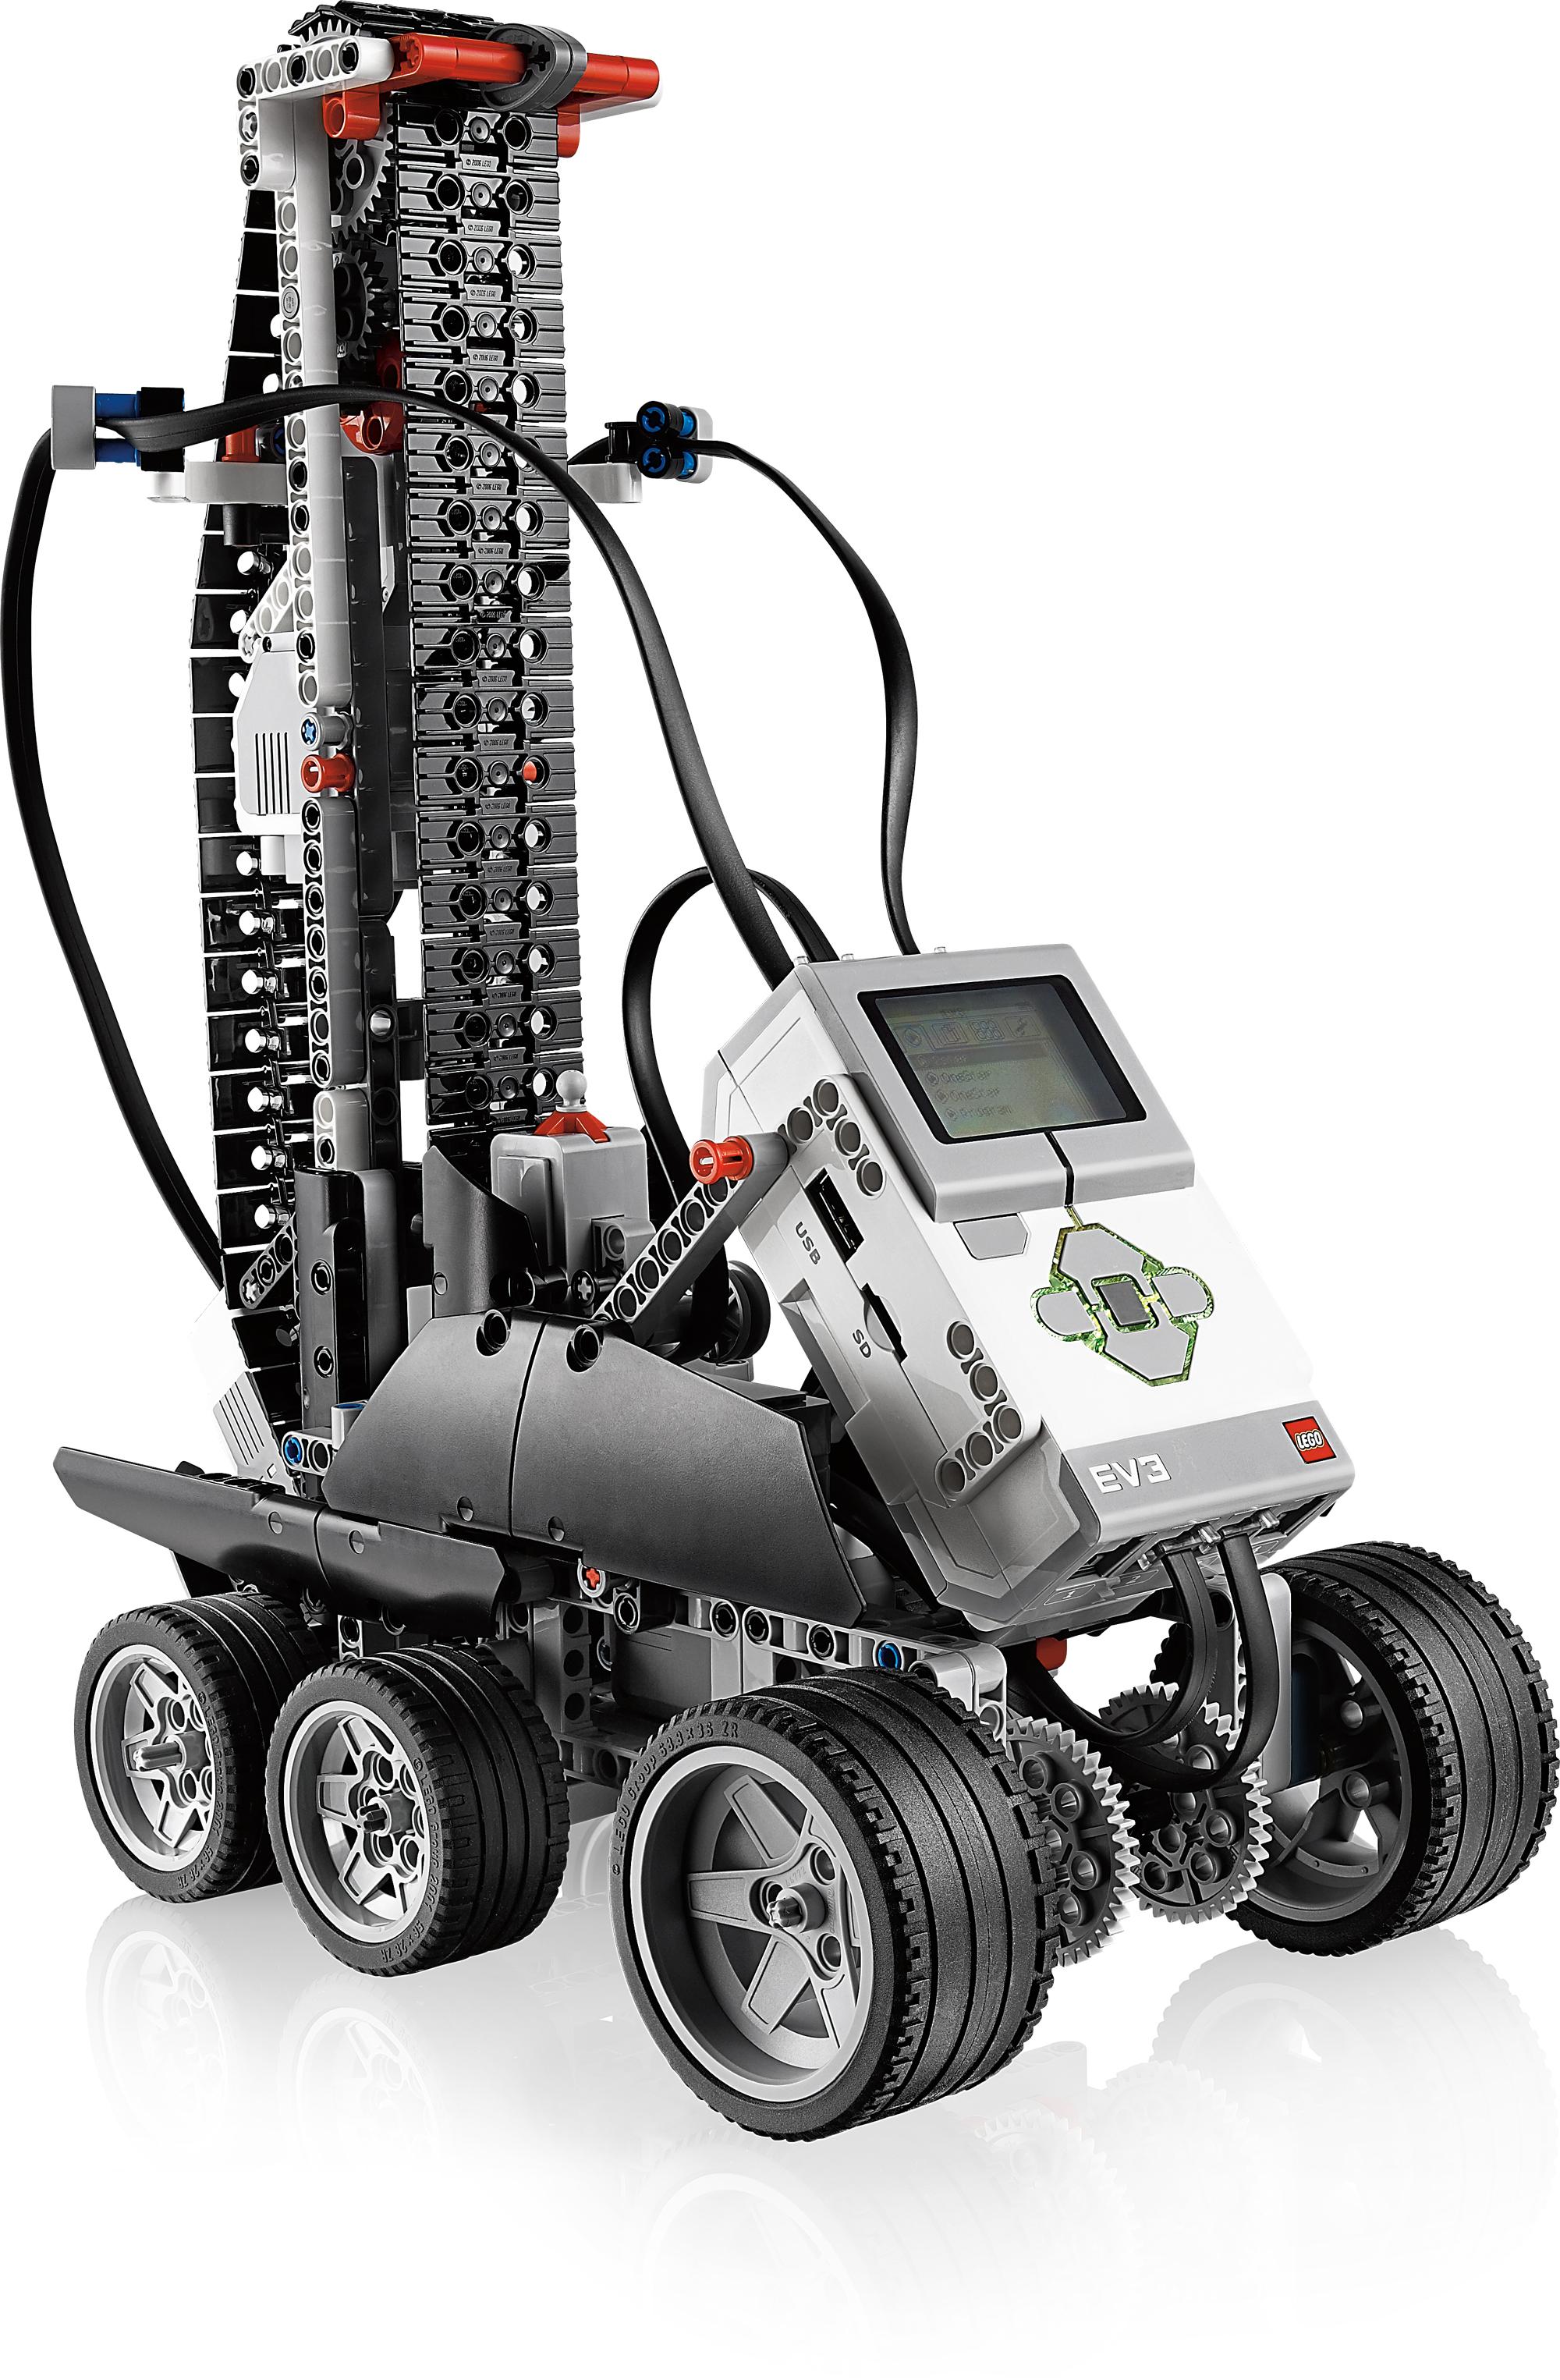 Lego Mindstorms EV3: Neue Roboterplattform von Lego - Lego Mindstorms EV3: Stufenkletterer